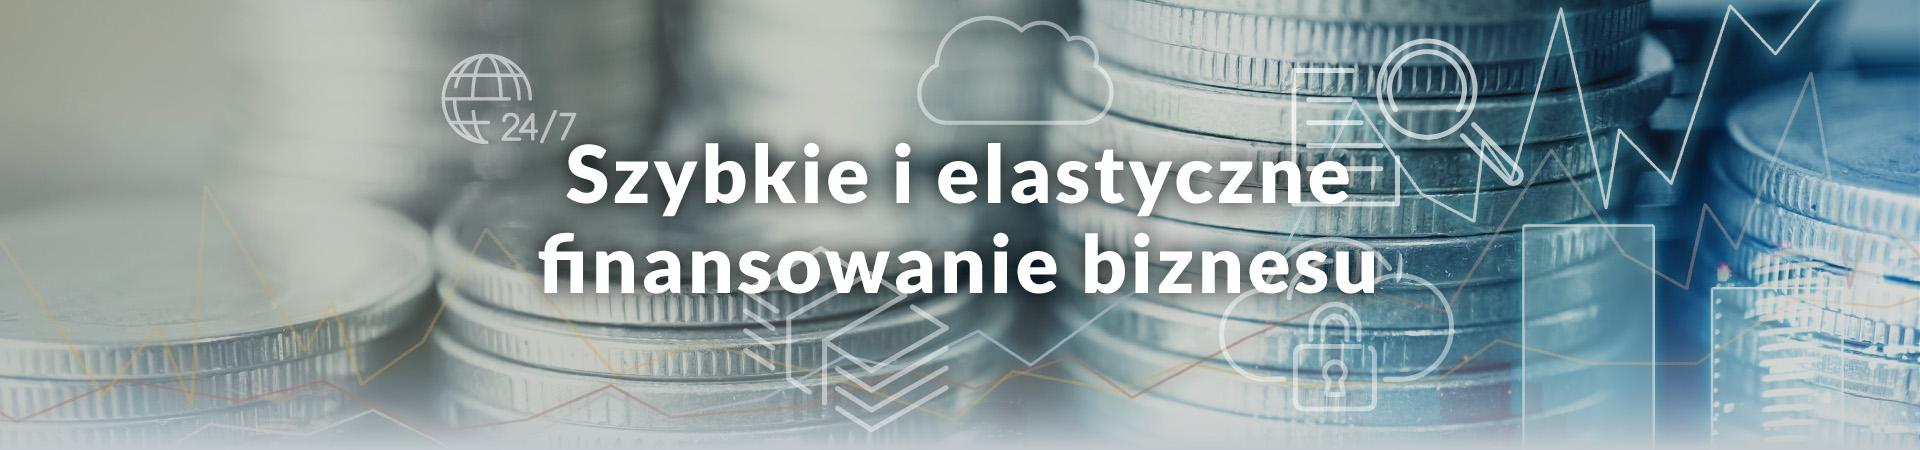 edison_www_slider_nizszy_finansowanie